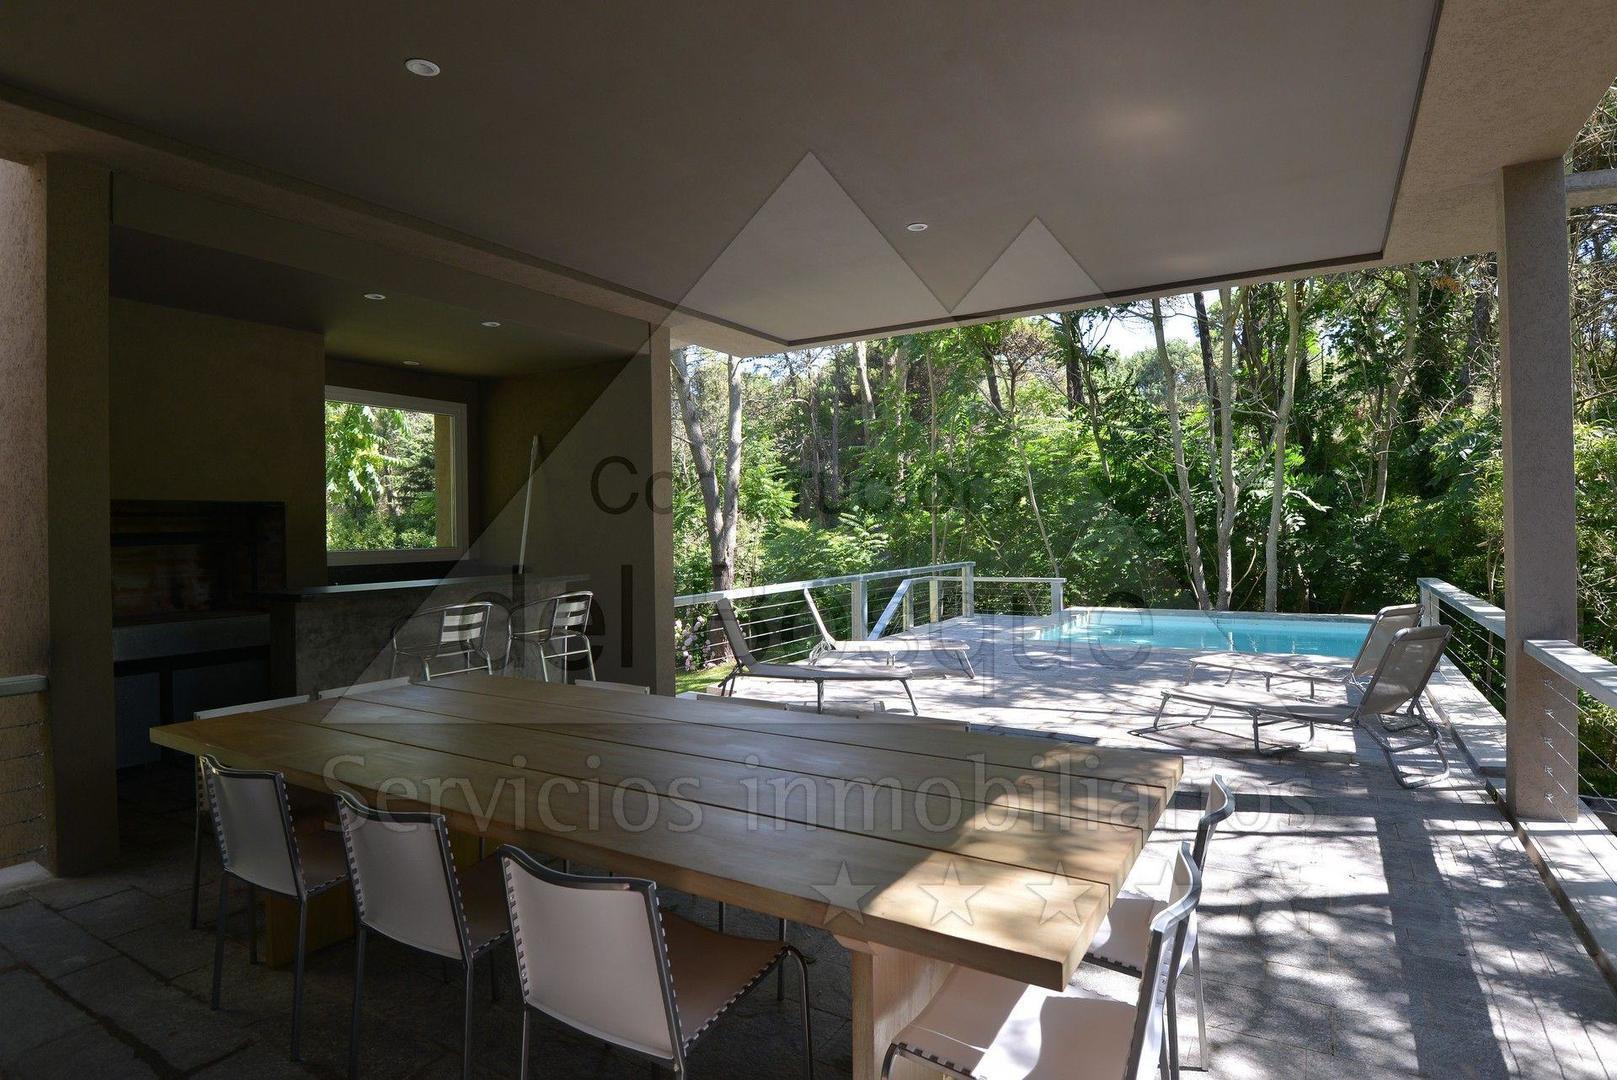 Casa moderna con piscina en zona preferencial for Casa moderna con piscina